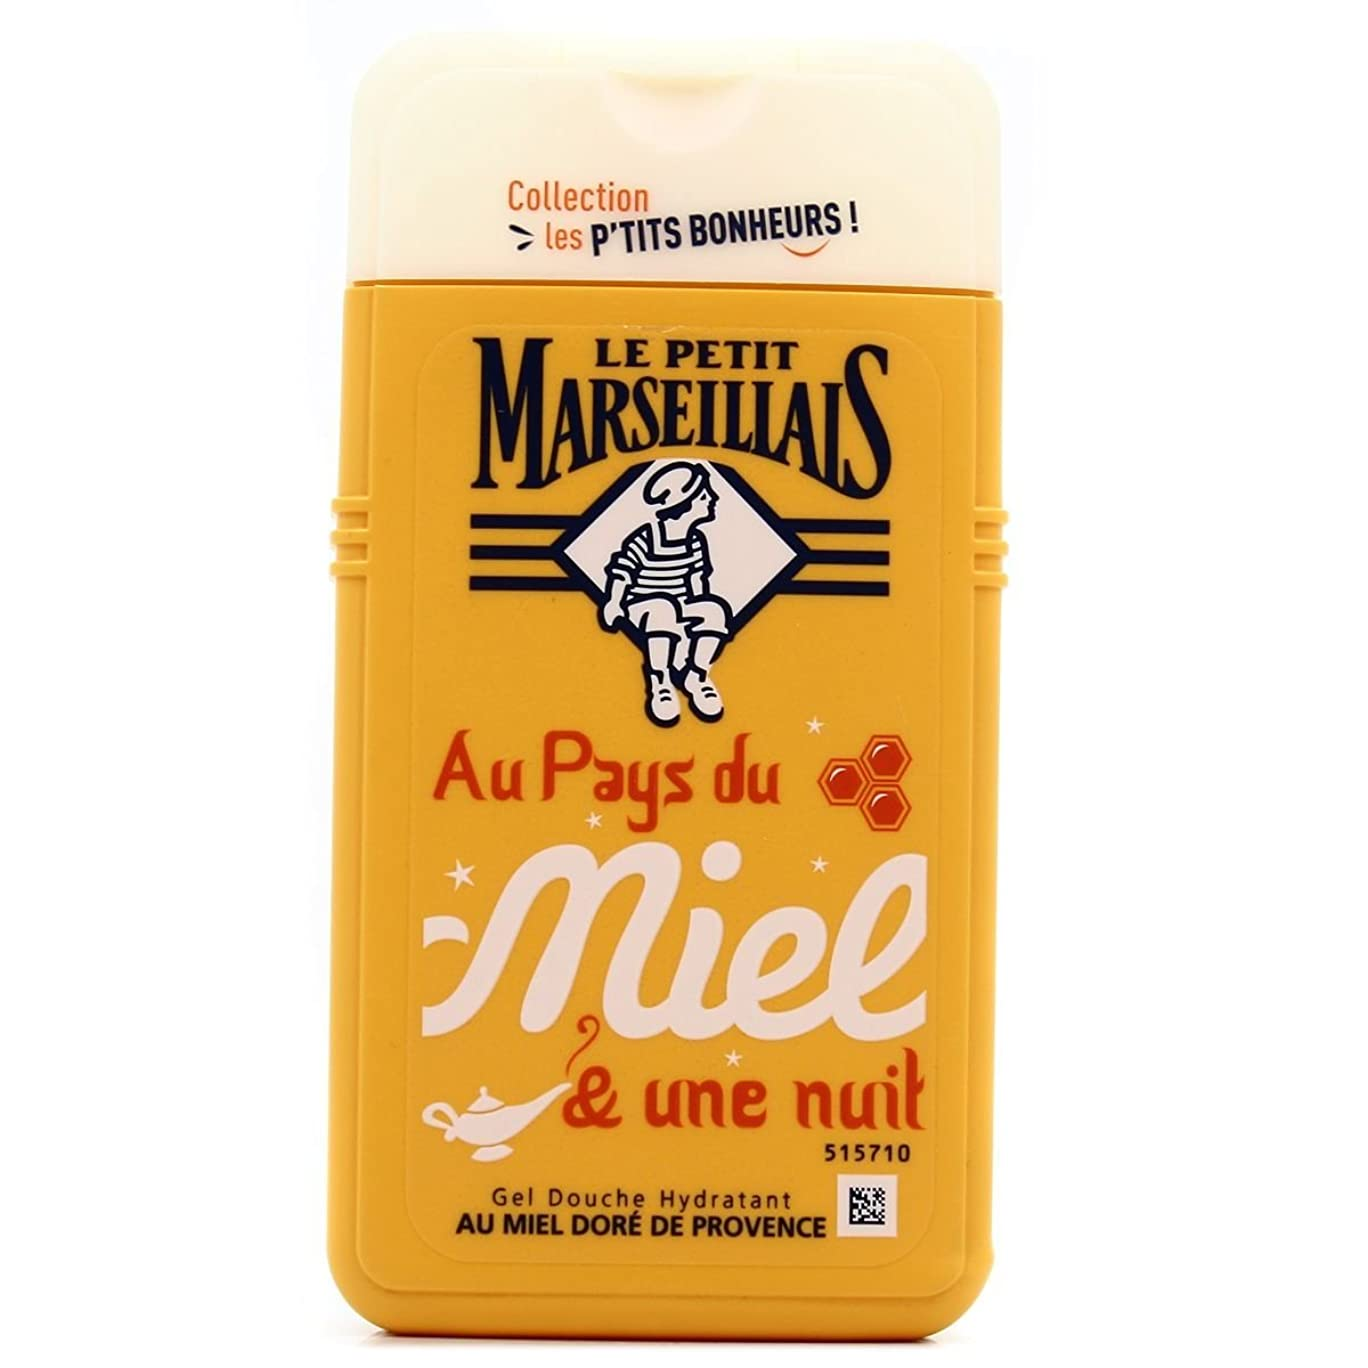 素朴なブラウズ冷酷な「はちみつ」シャワージェル ???? フランスの「ル?プティ?マルセイユ (Le Petit Marseillais)」 les P'TITS BONHEURS 250ml ボディウォッシュ